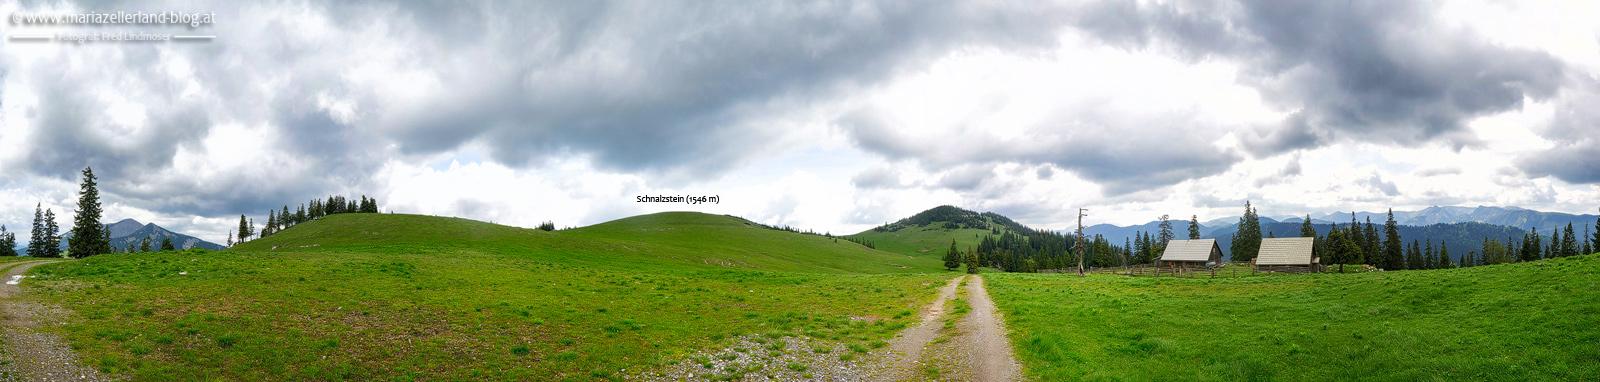 Hofalm_Schnalzstein-DSC06440_Panorama